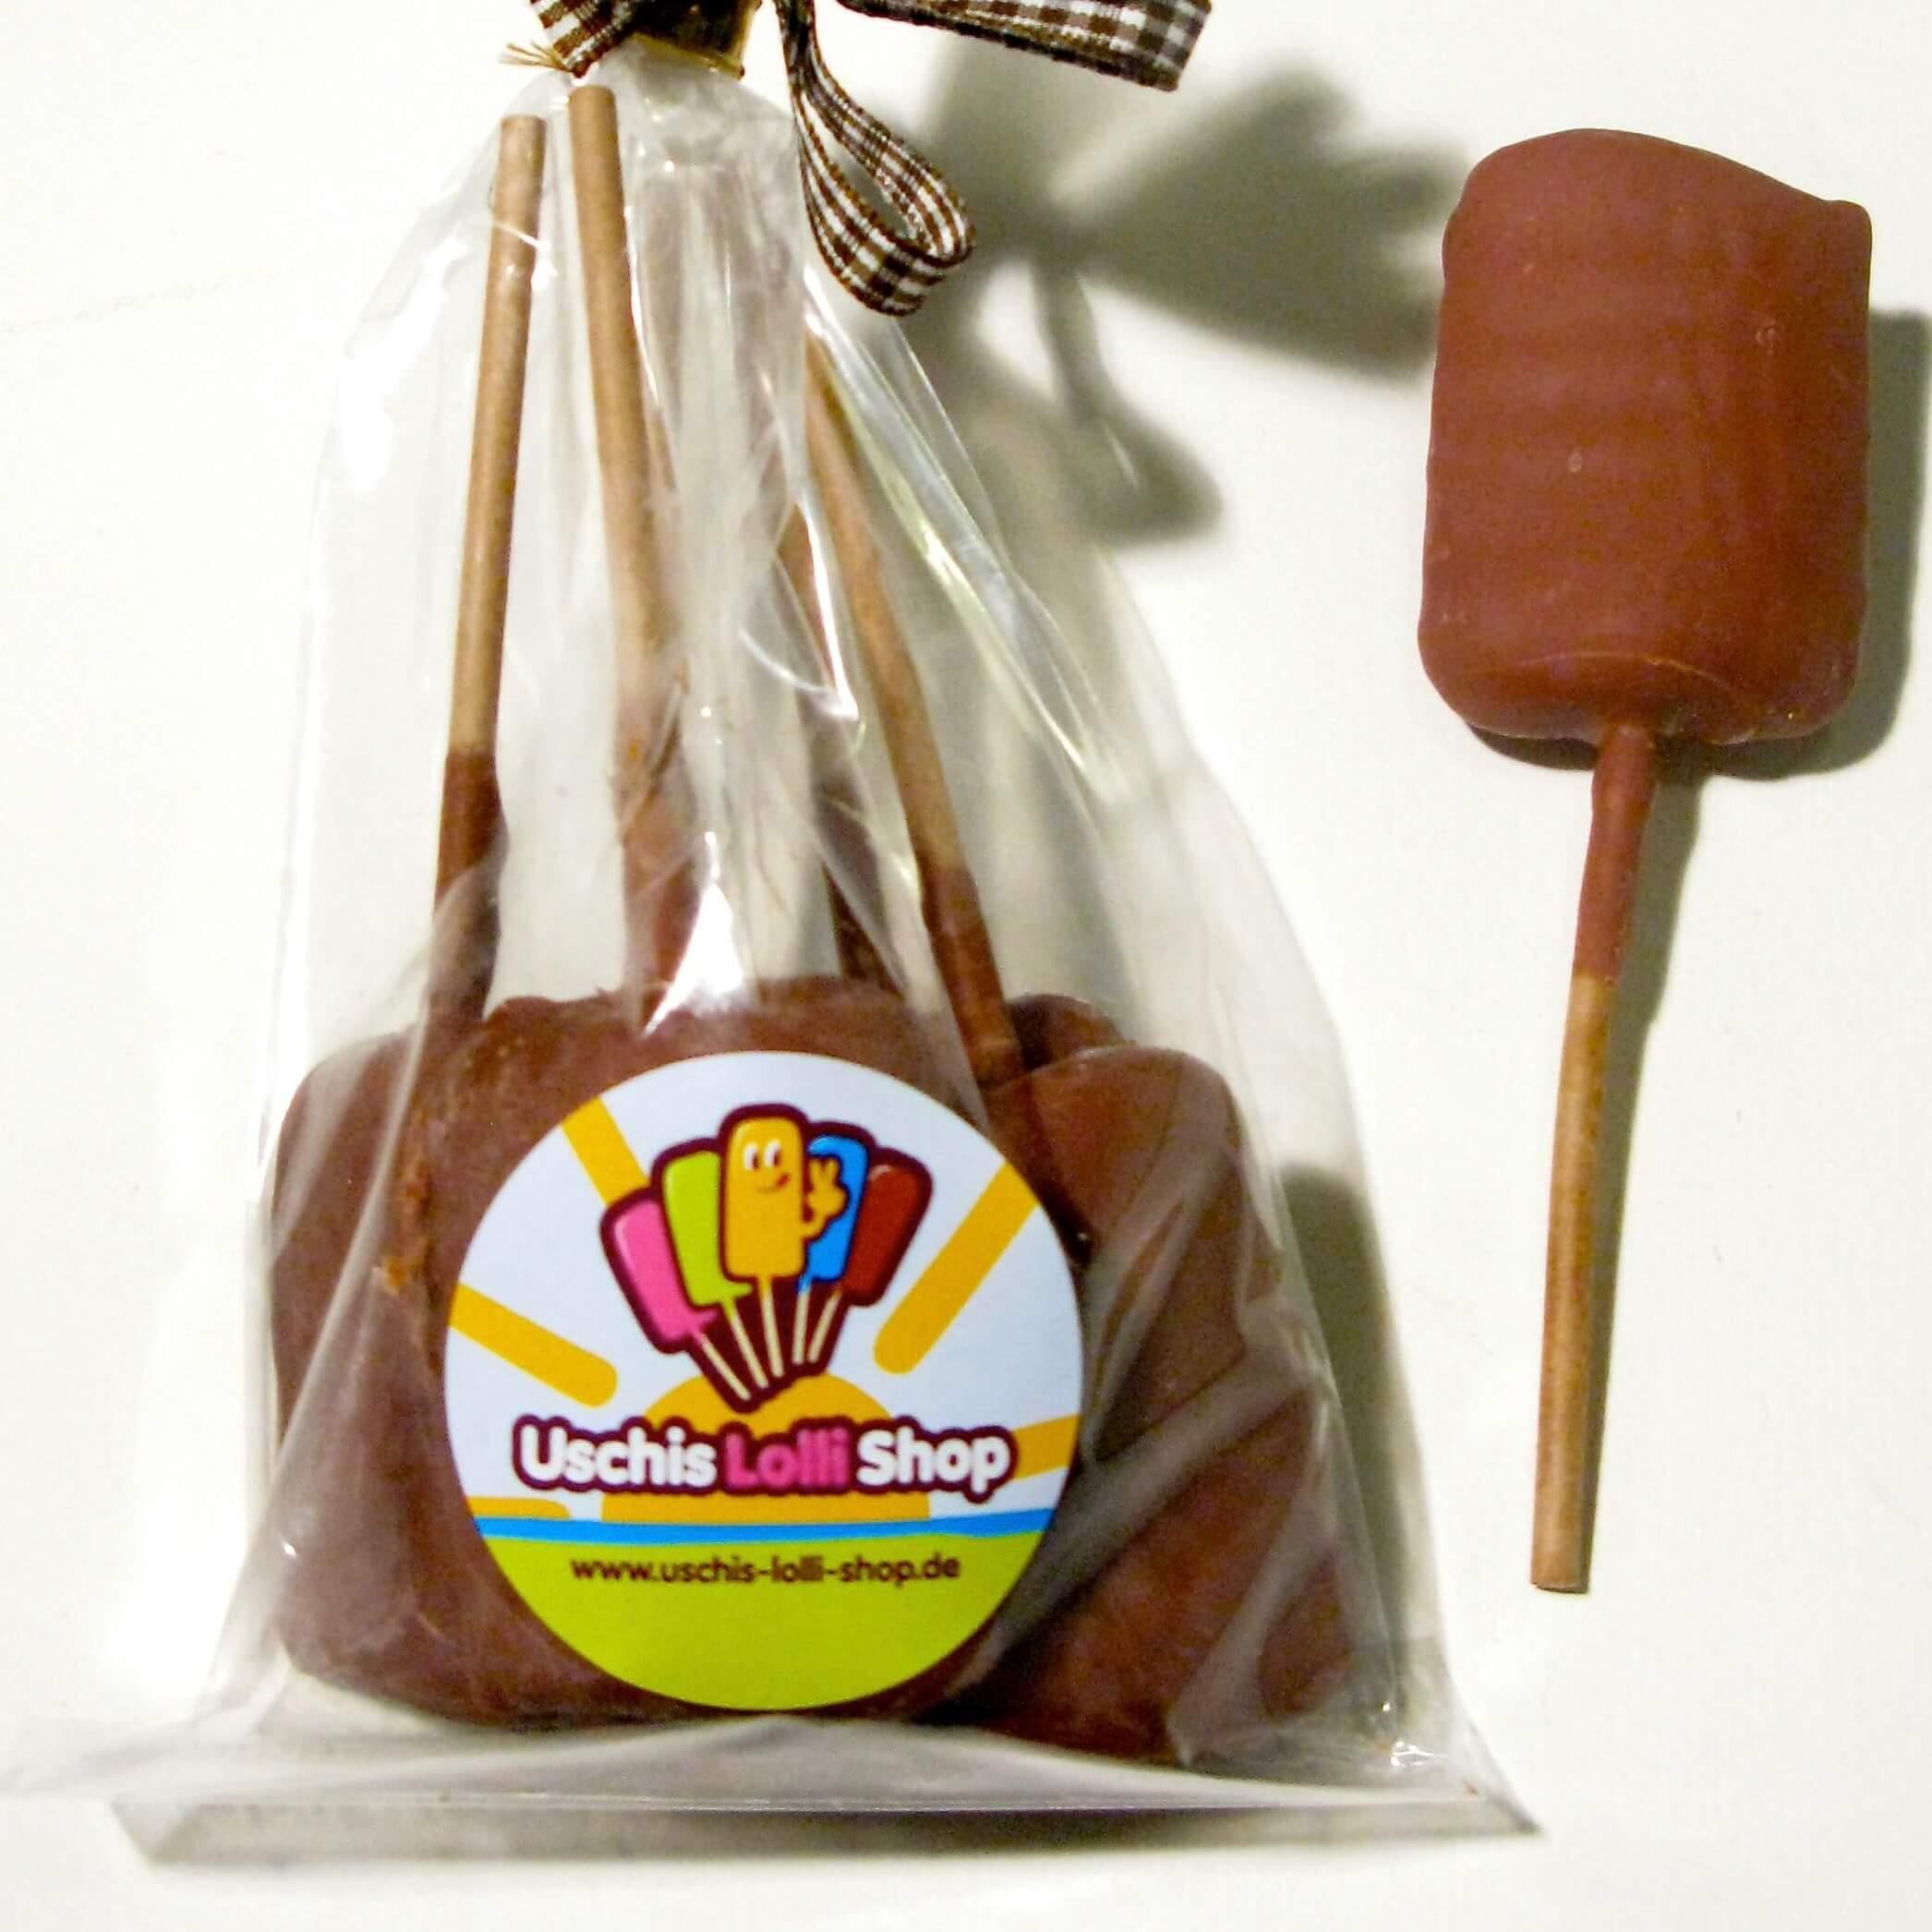 Lollis Salmiak Vollmilch Schokolade klein Uschis-Lolli-Shop